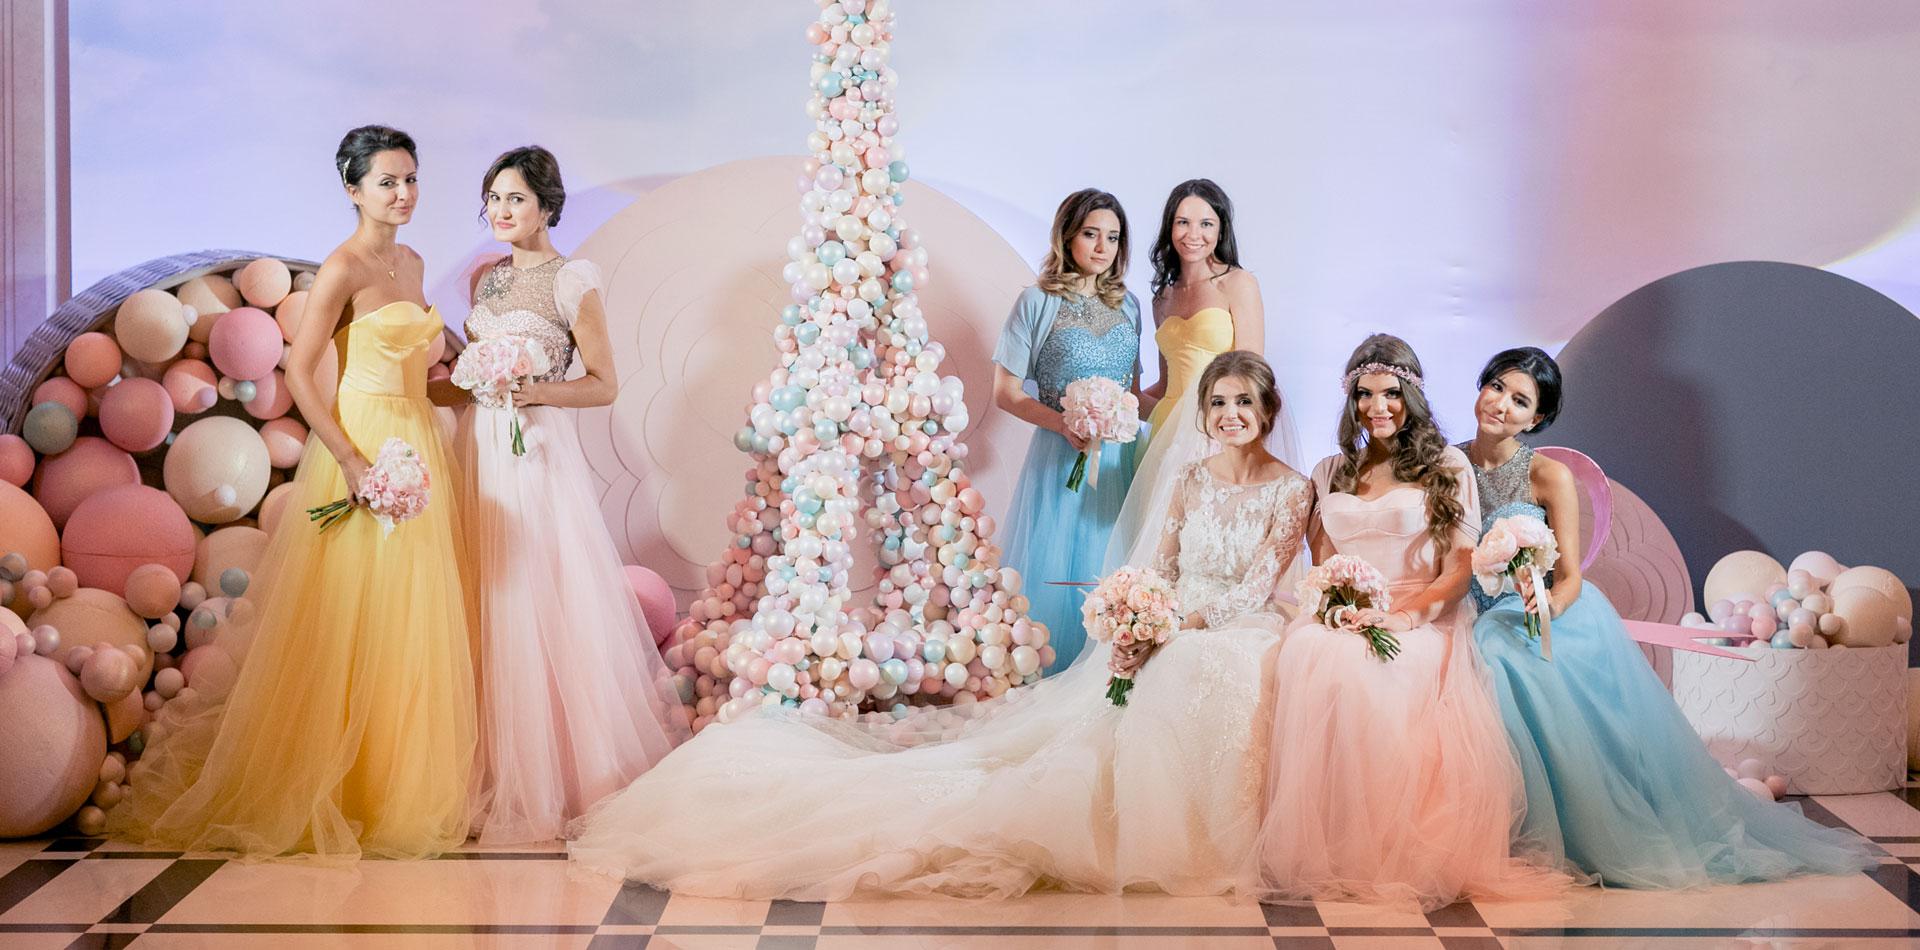 В стиле Guerlain. Свадьба Пако и Амины фото 14